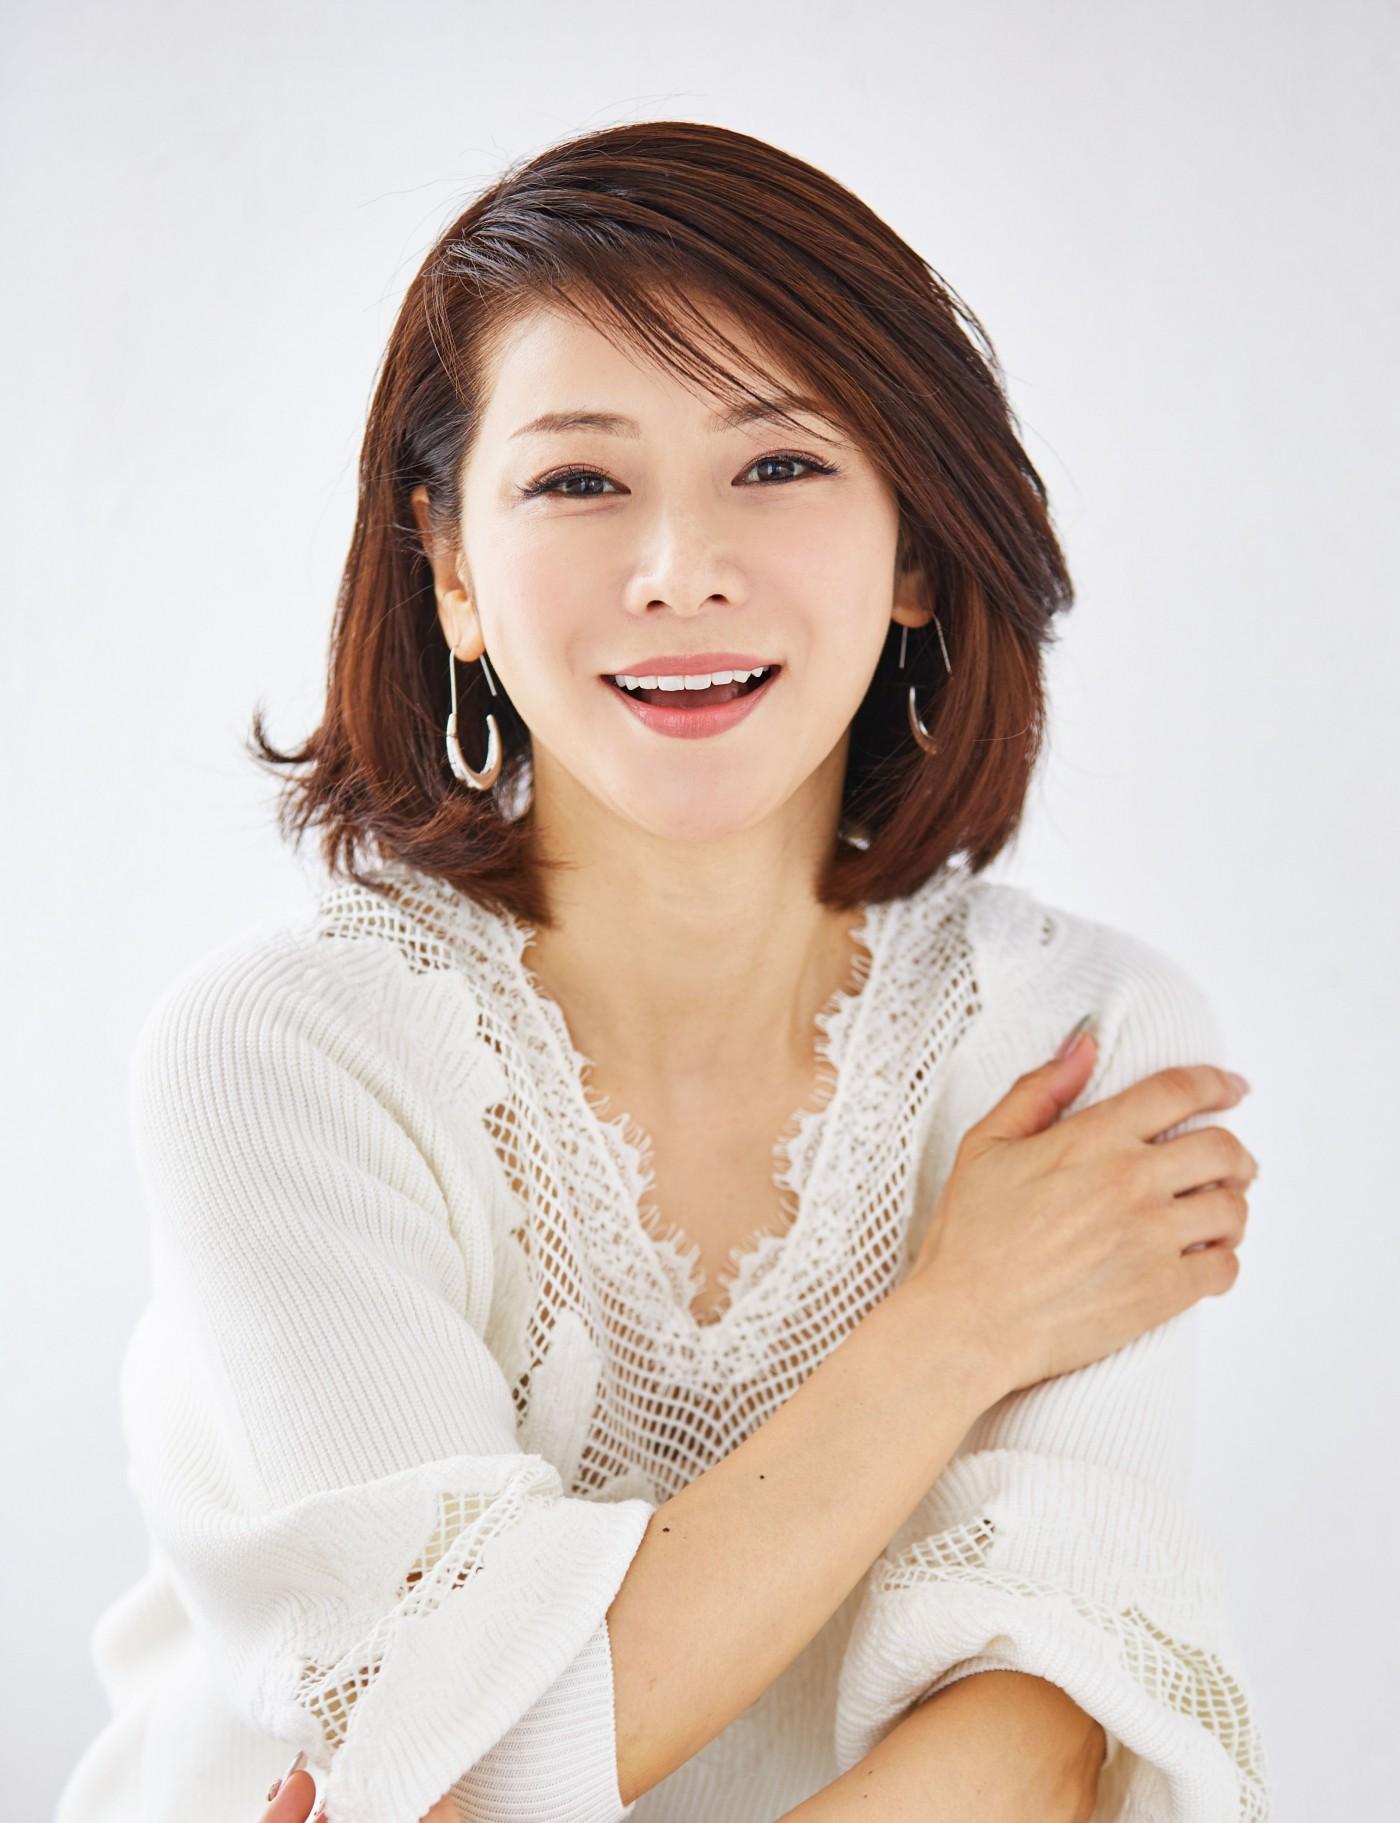 雅子さんメイン1_大